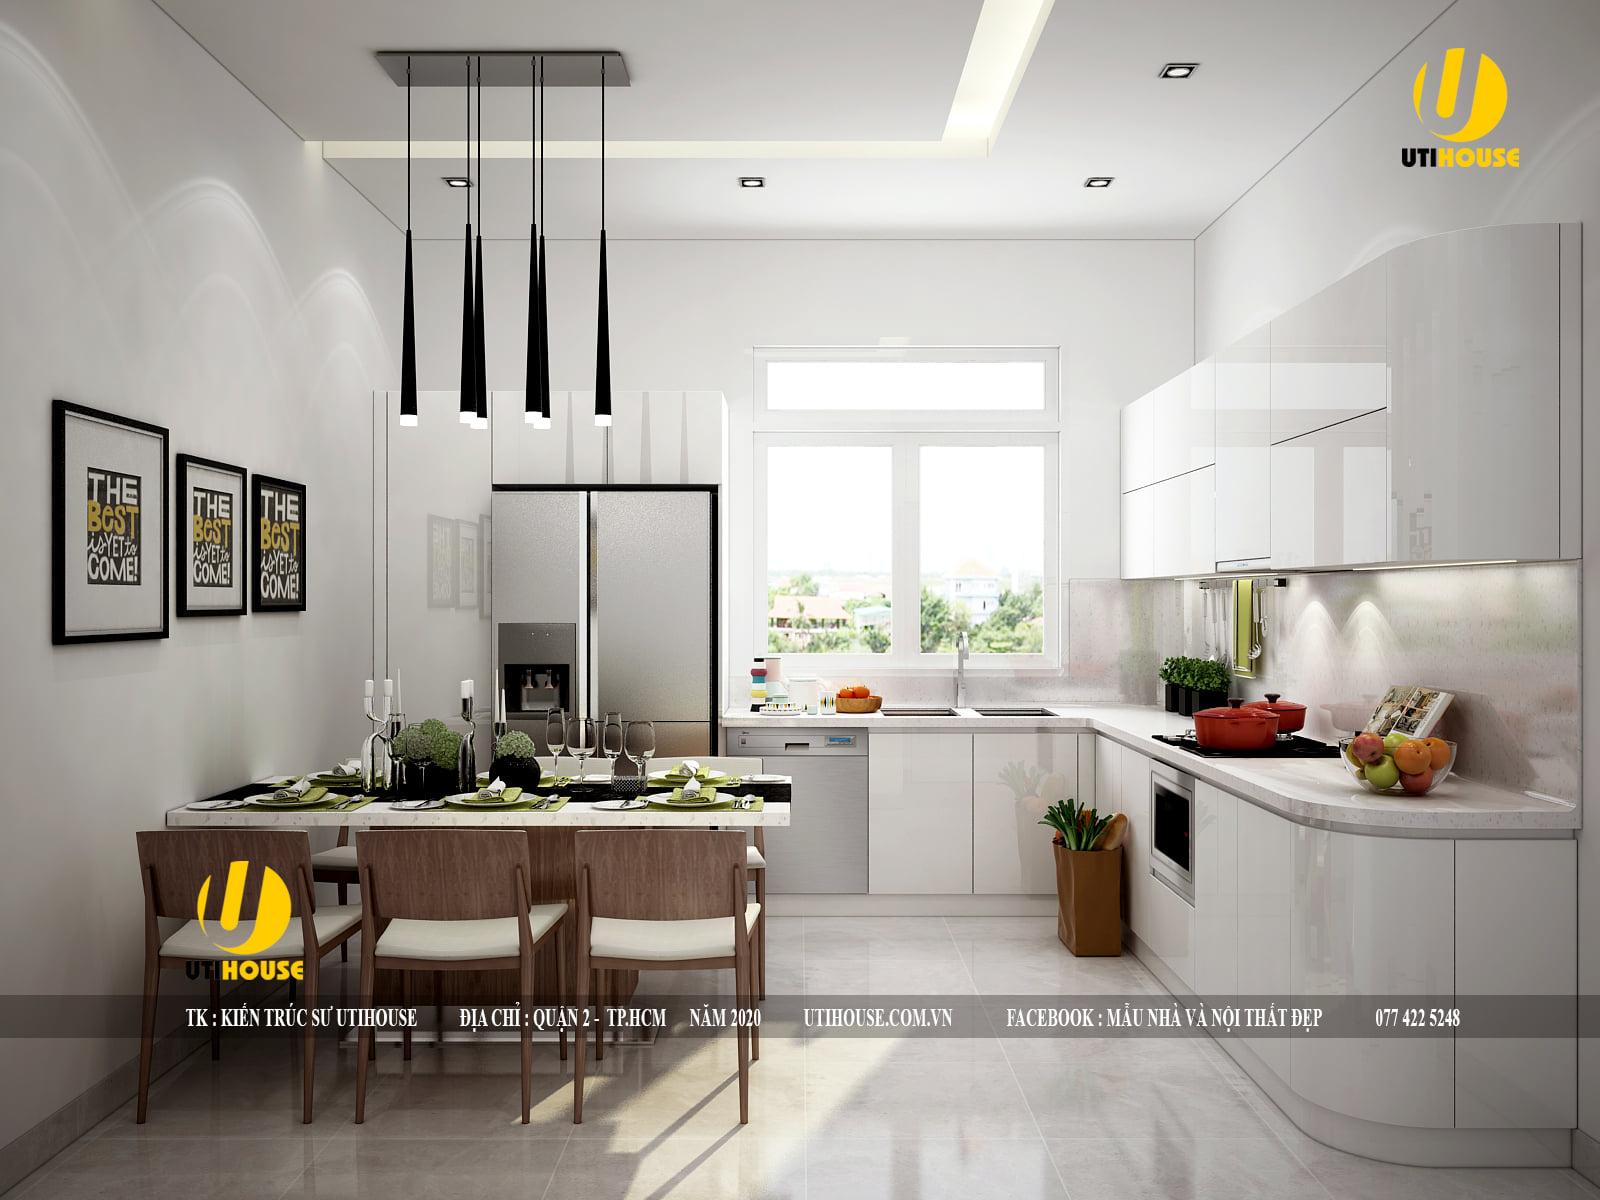 Cập nhật mẫu thiết kế nhà bếp chung cư hiện đại, thịnh hành nhất hiện nay